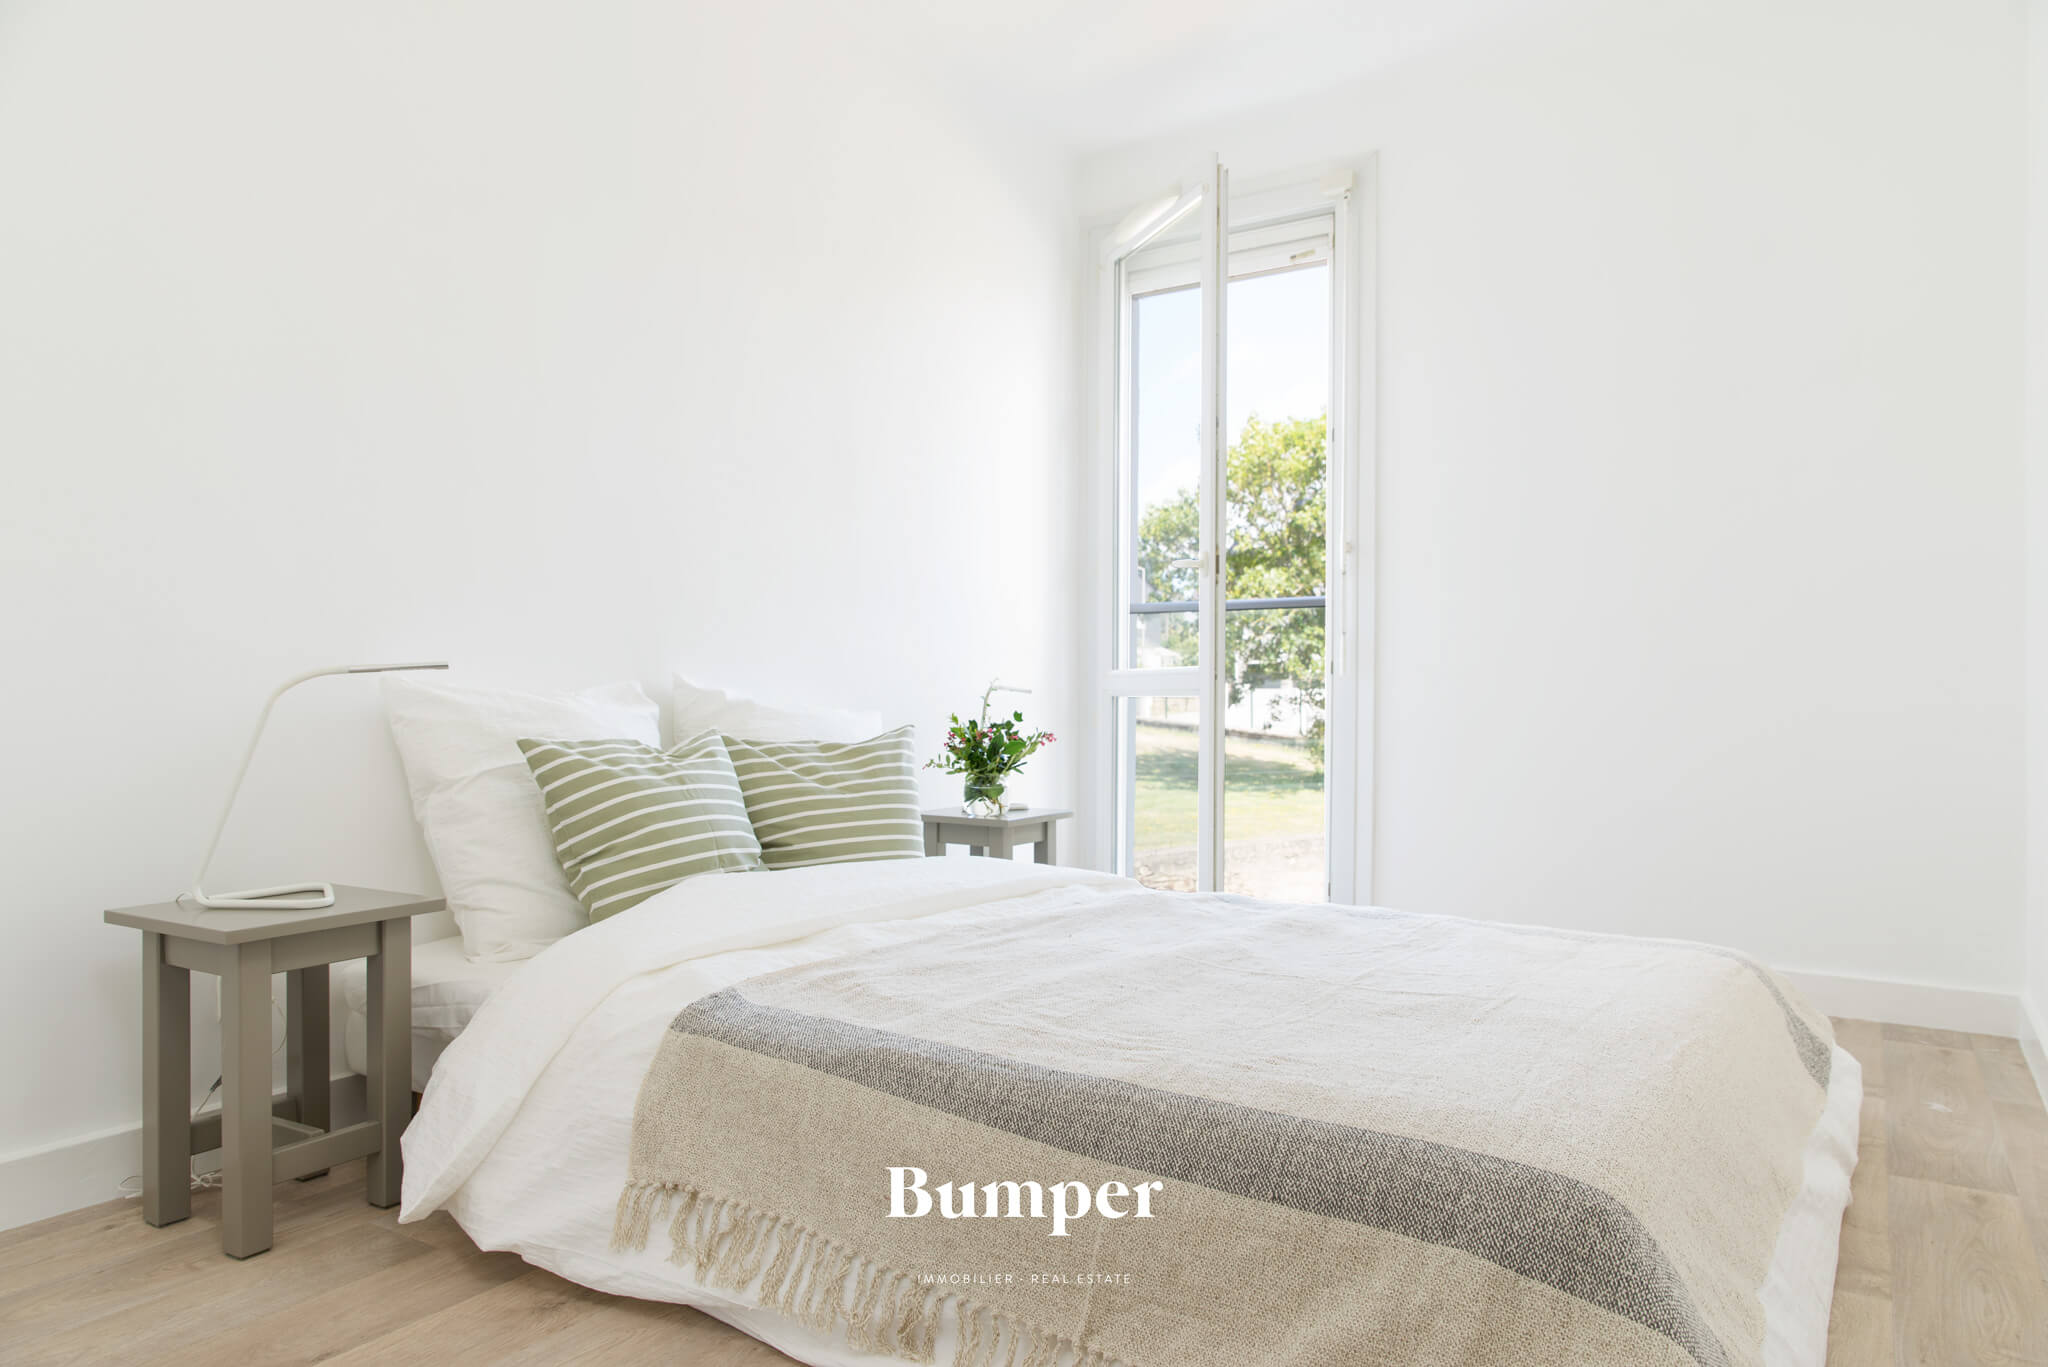 vannes-bumper-france-immobilier-lyon-appartement-avendre-T4chambre2.jpg